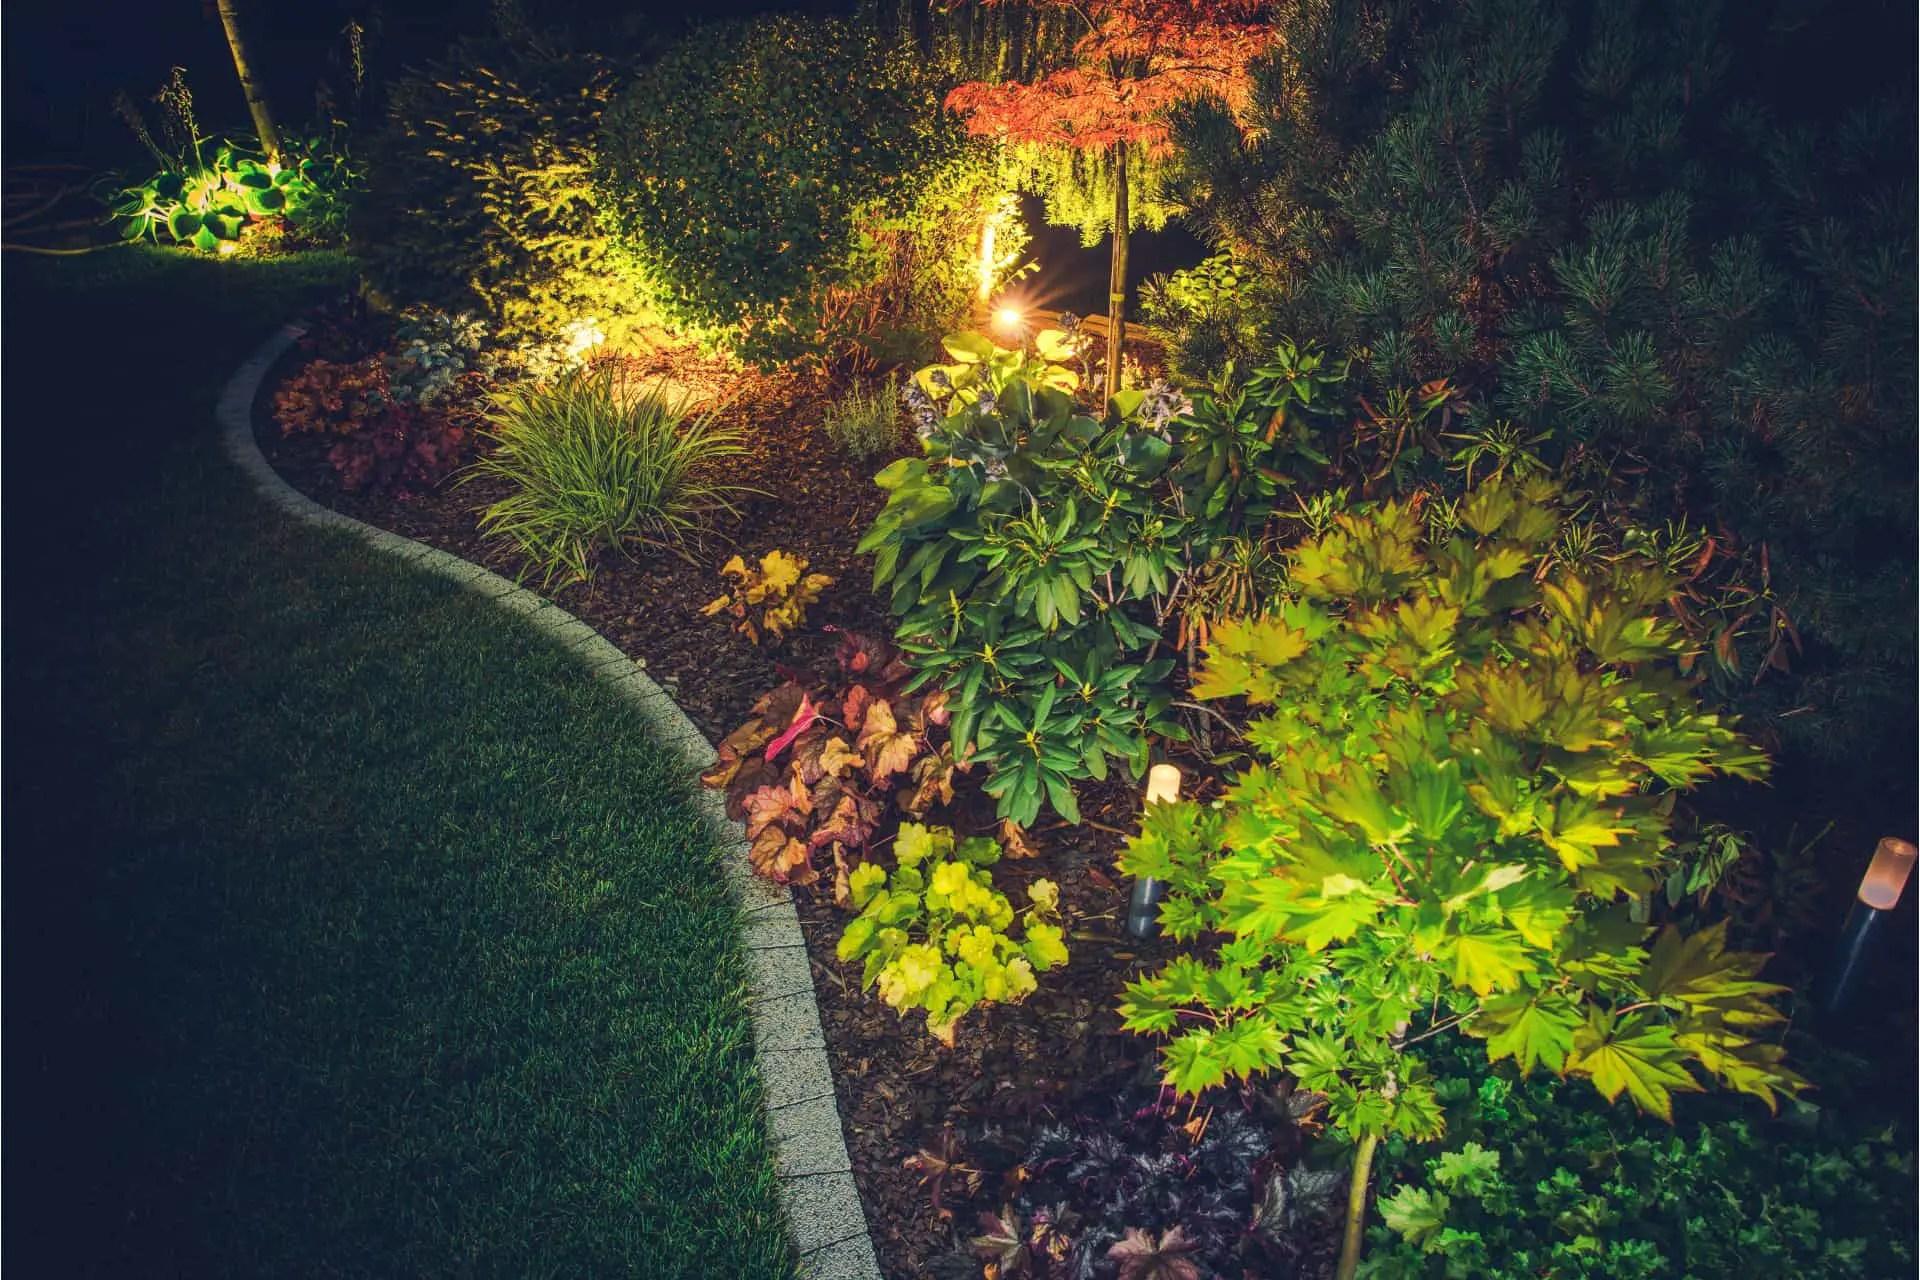 Schone Led Beleuchtung Ohne Strom Fur Garten Und Balkon Ledtipps Net